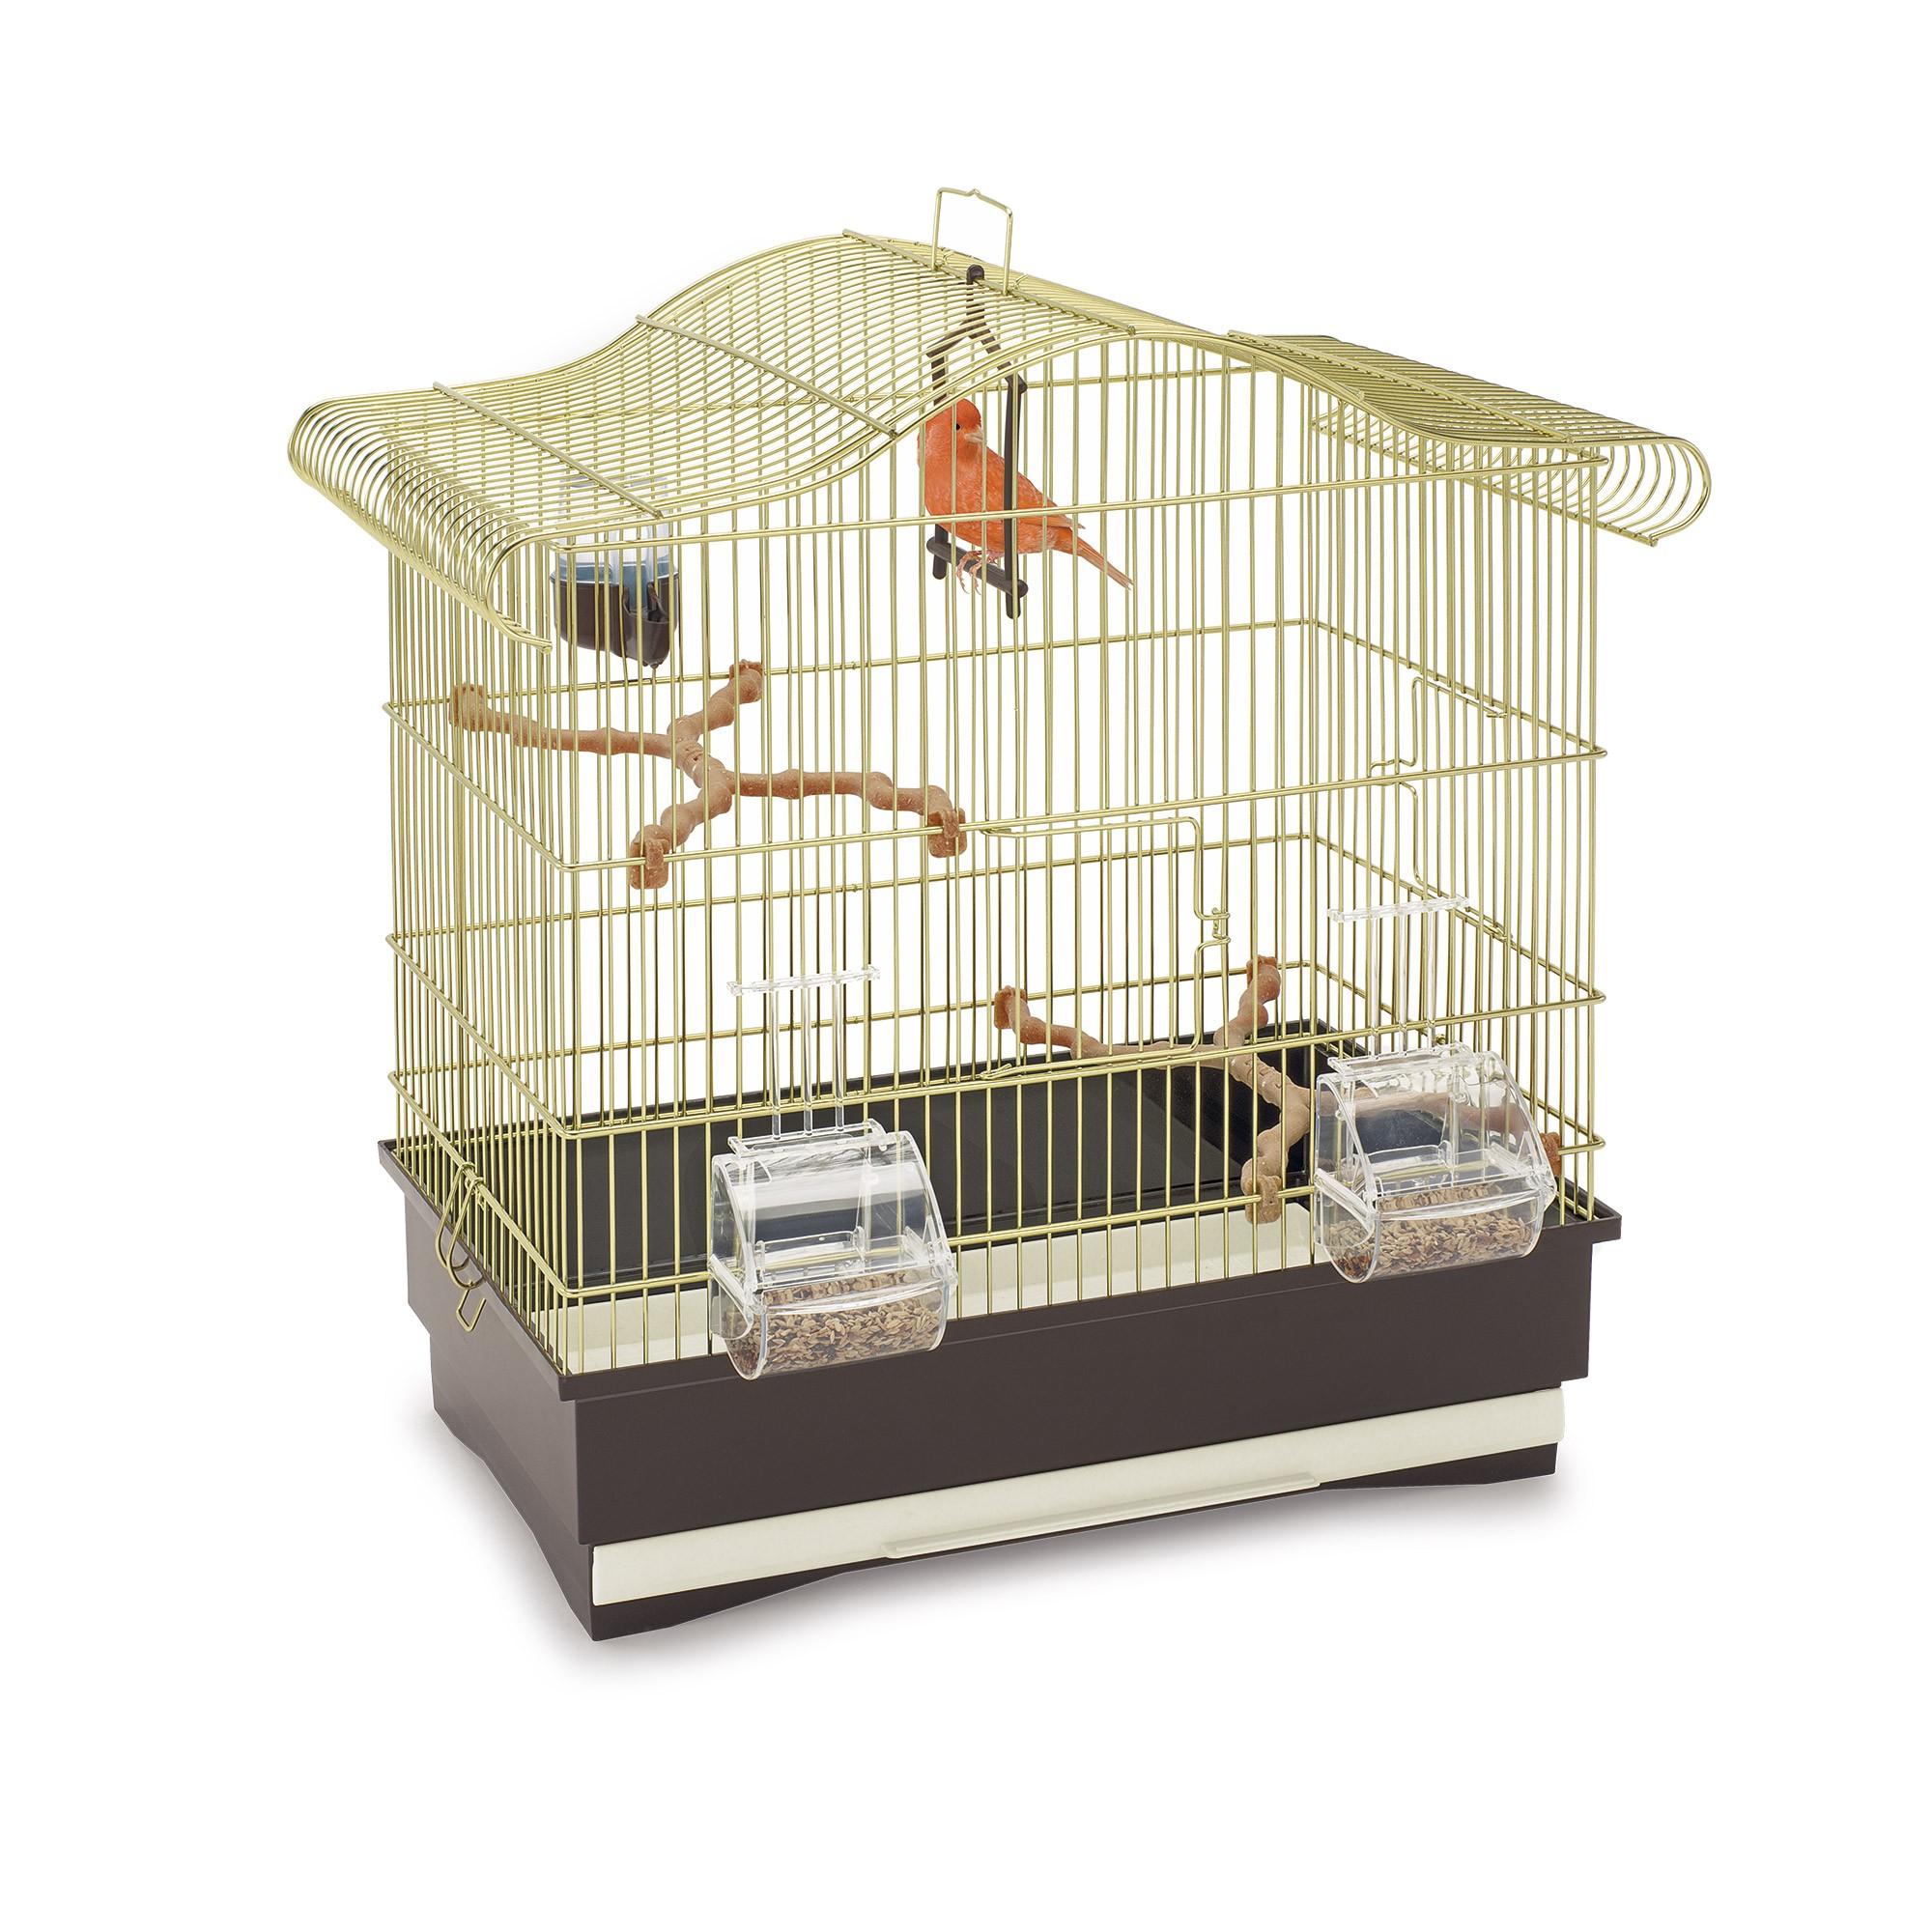 Клетка для птиц IMAC Serena, золотая